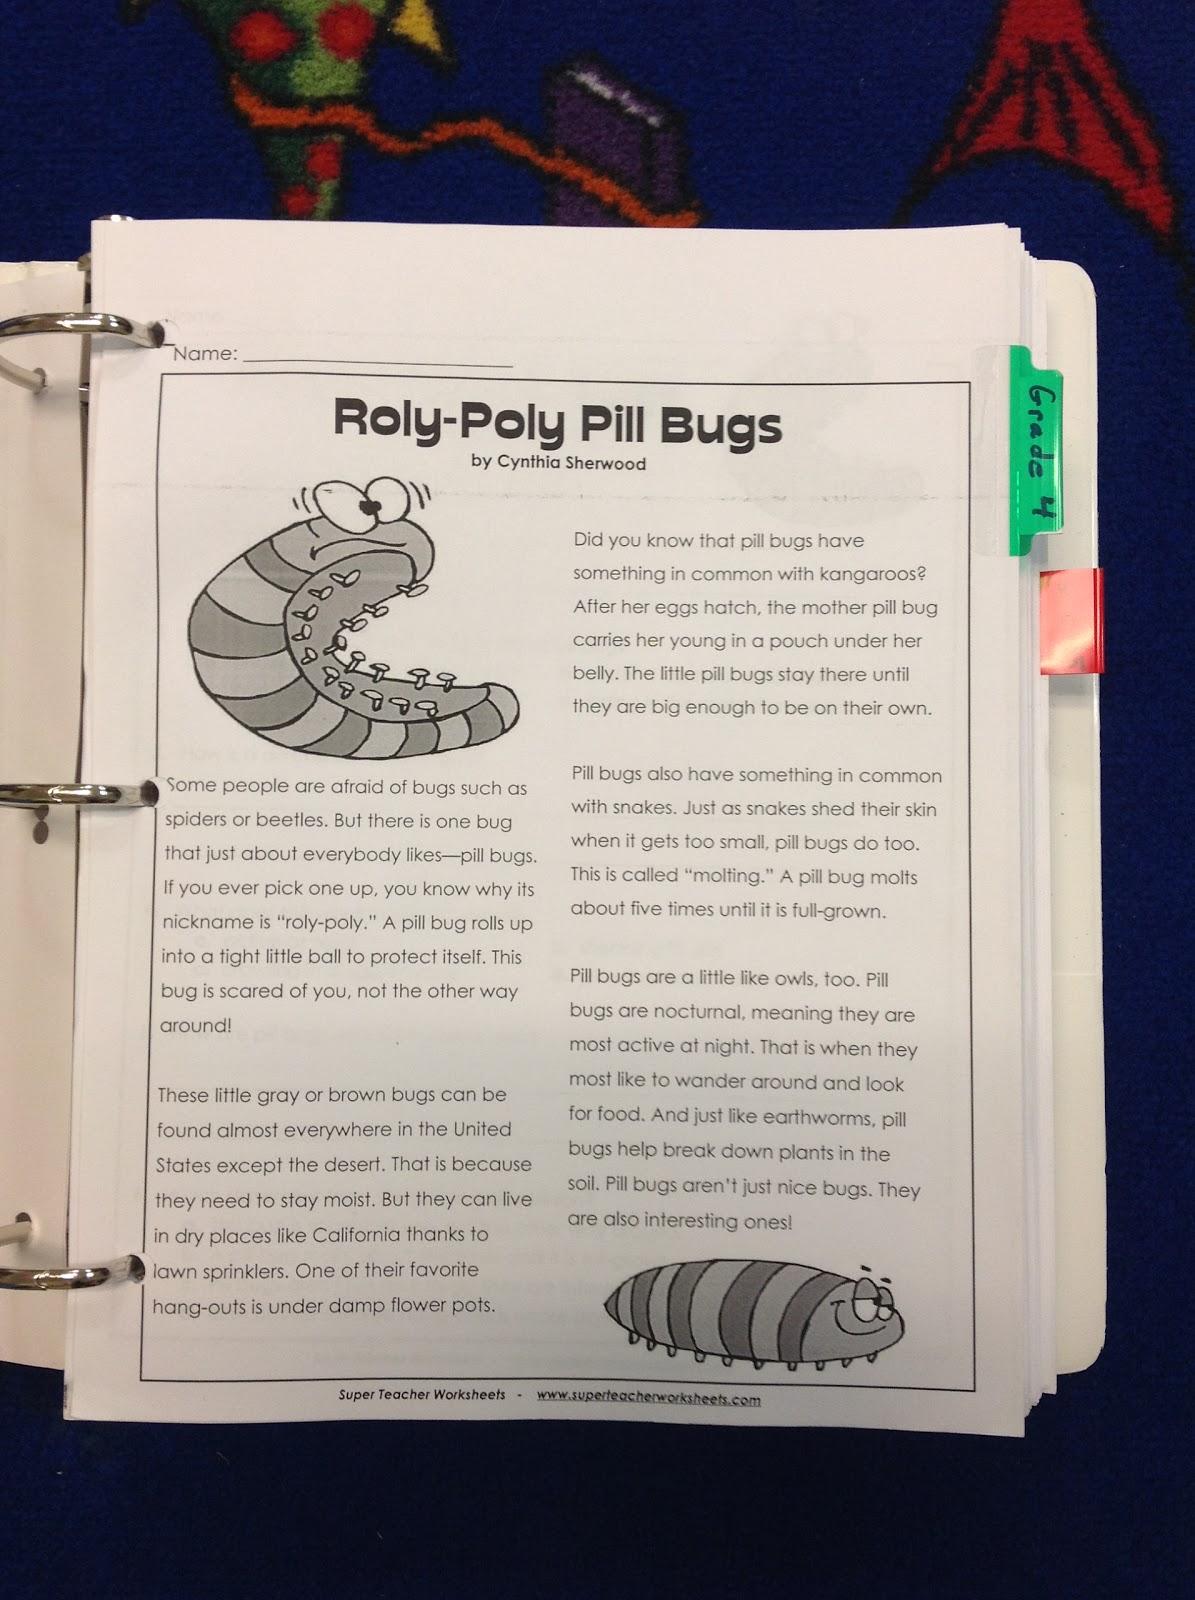 Super Teacher Worksheet Reading Comprehension Worksheets For All